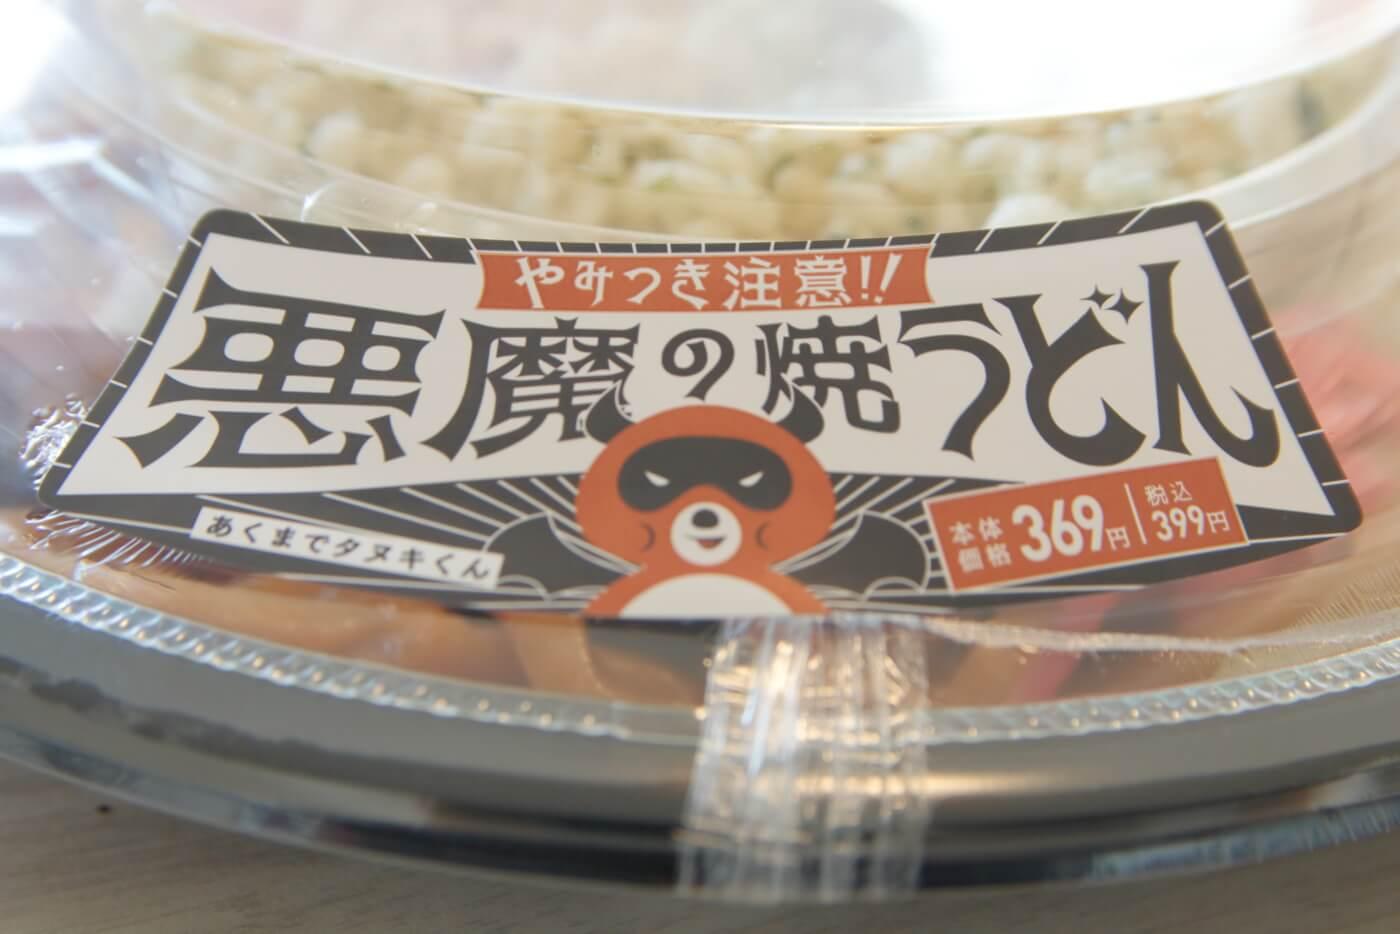 ローソン 悪魔の焼うどんのパッケージに描かれたマスコットキャラクター